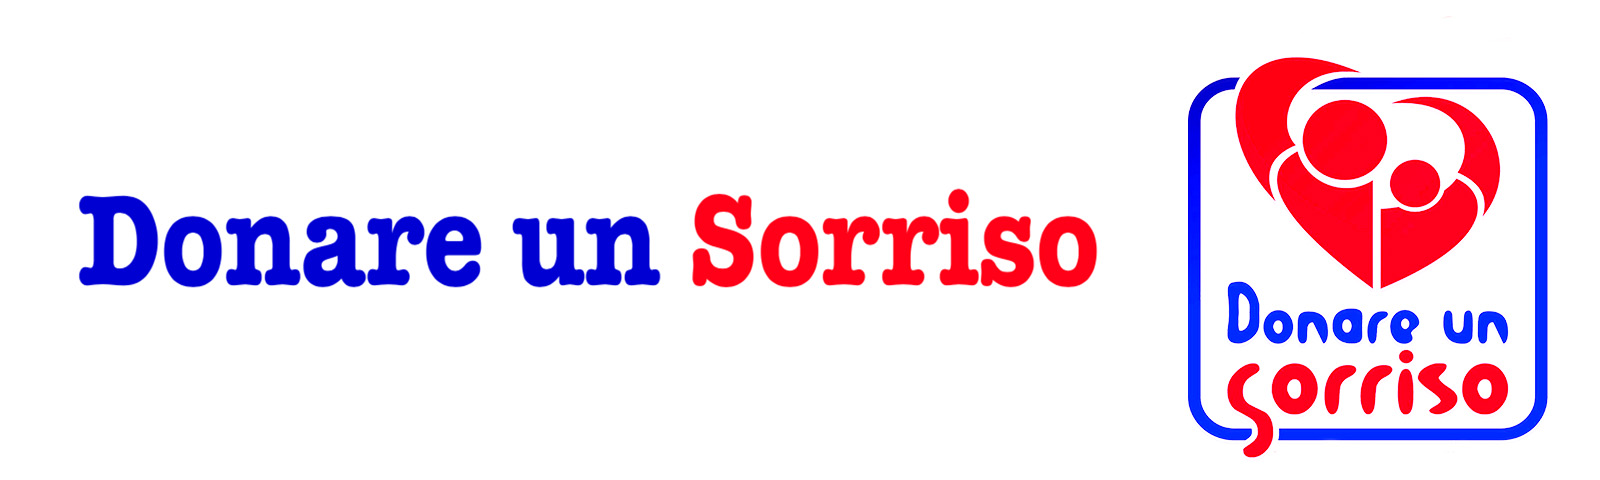 2005-2020 Donare un Sorriso – www.donareunsorriso.net-Email info@donareunsorriso.net – C.F. 90049210090 -IBAN: IT 73 D 06175 49251 000005593980 – Tutti i diritti sono riservati